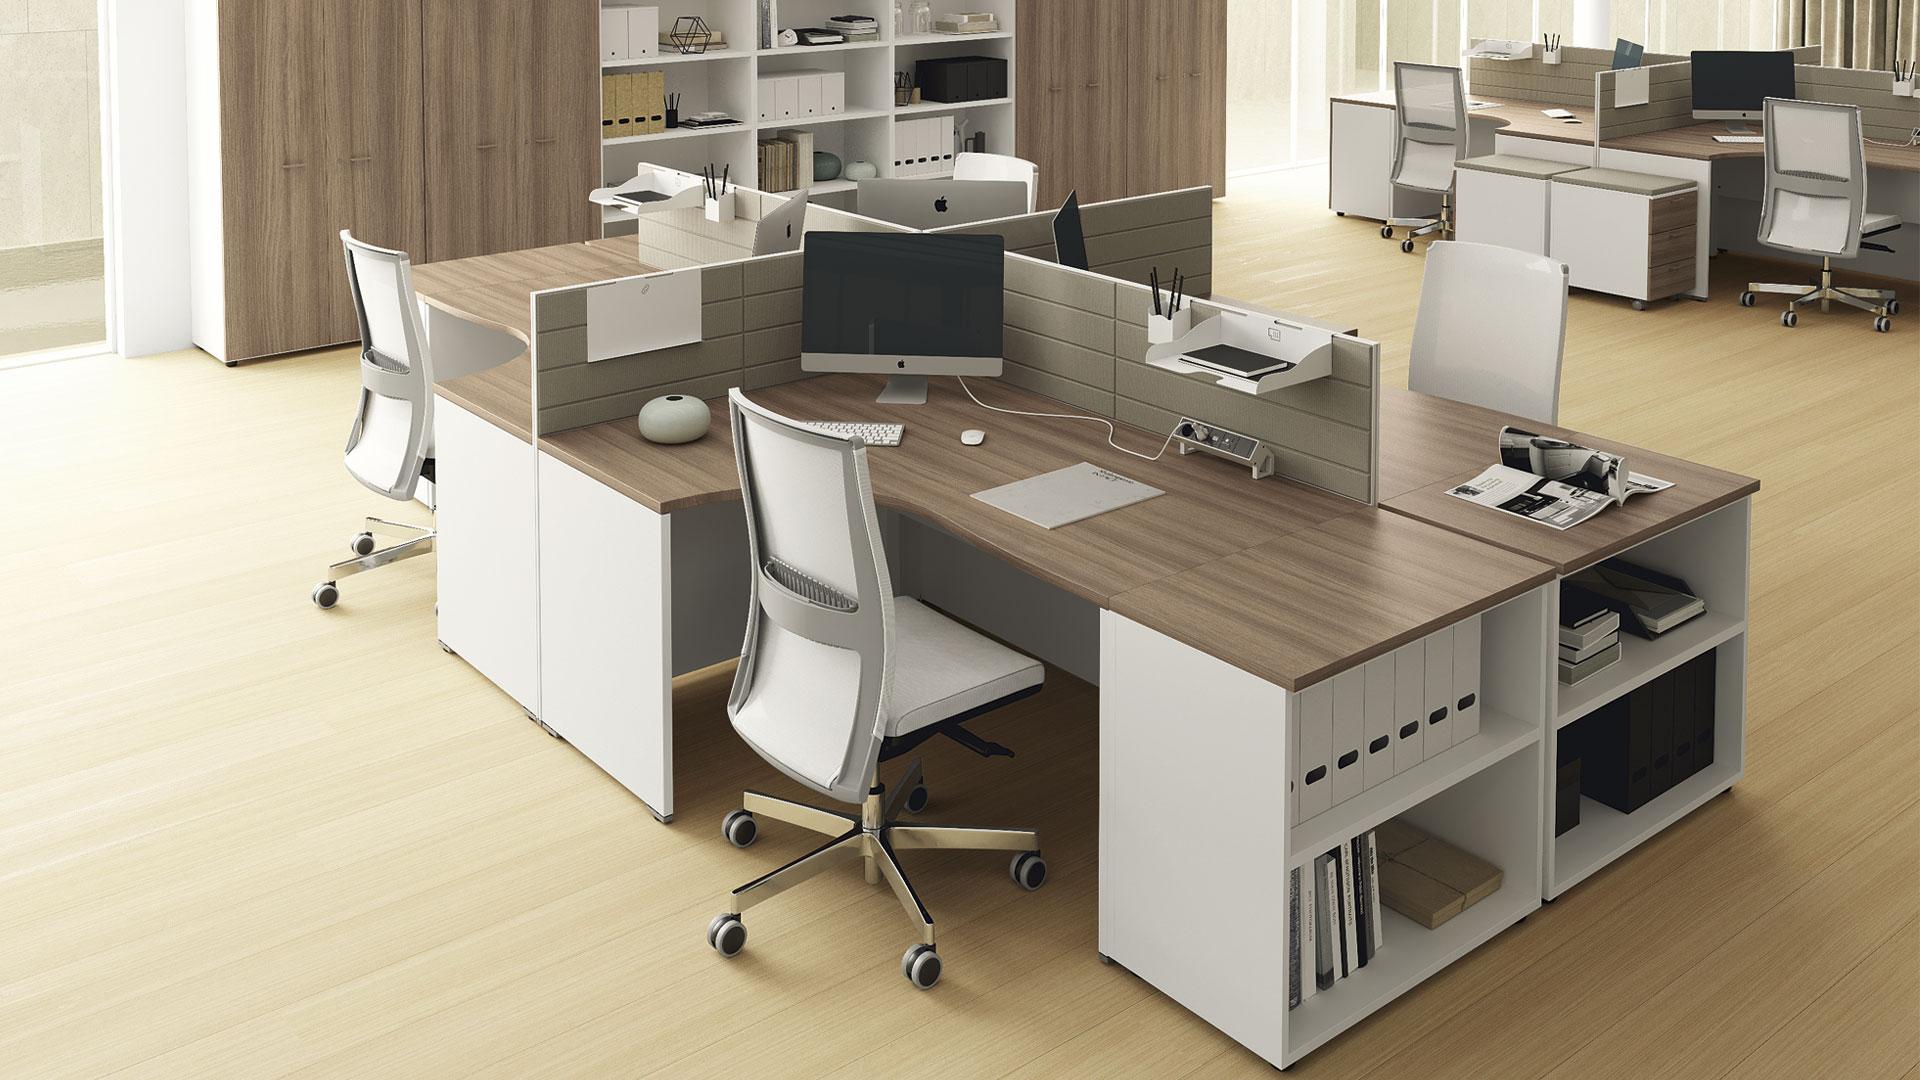 EASY 11 - Easy bureaux